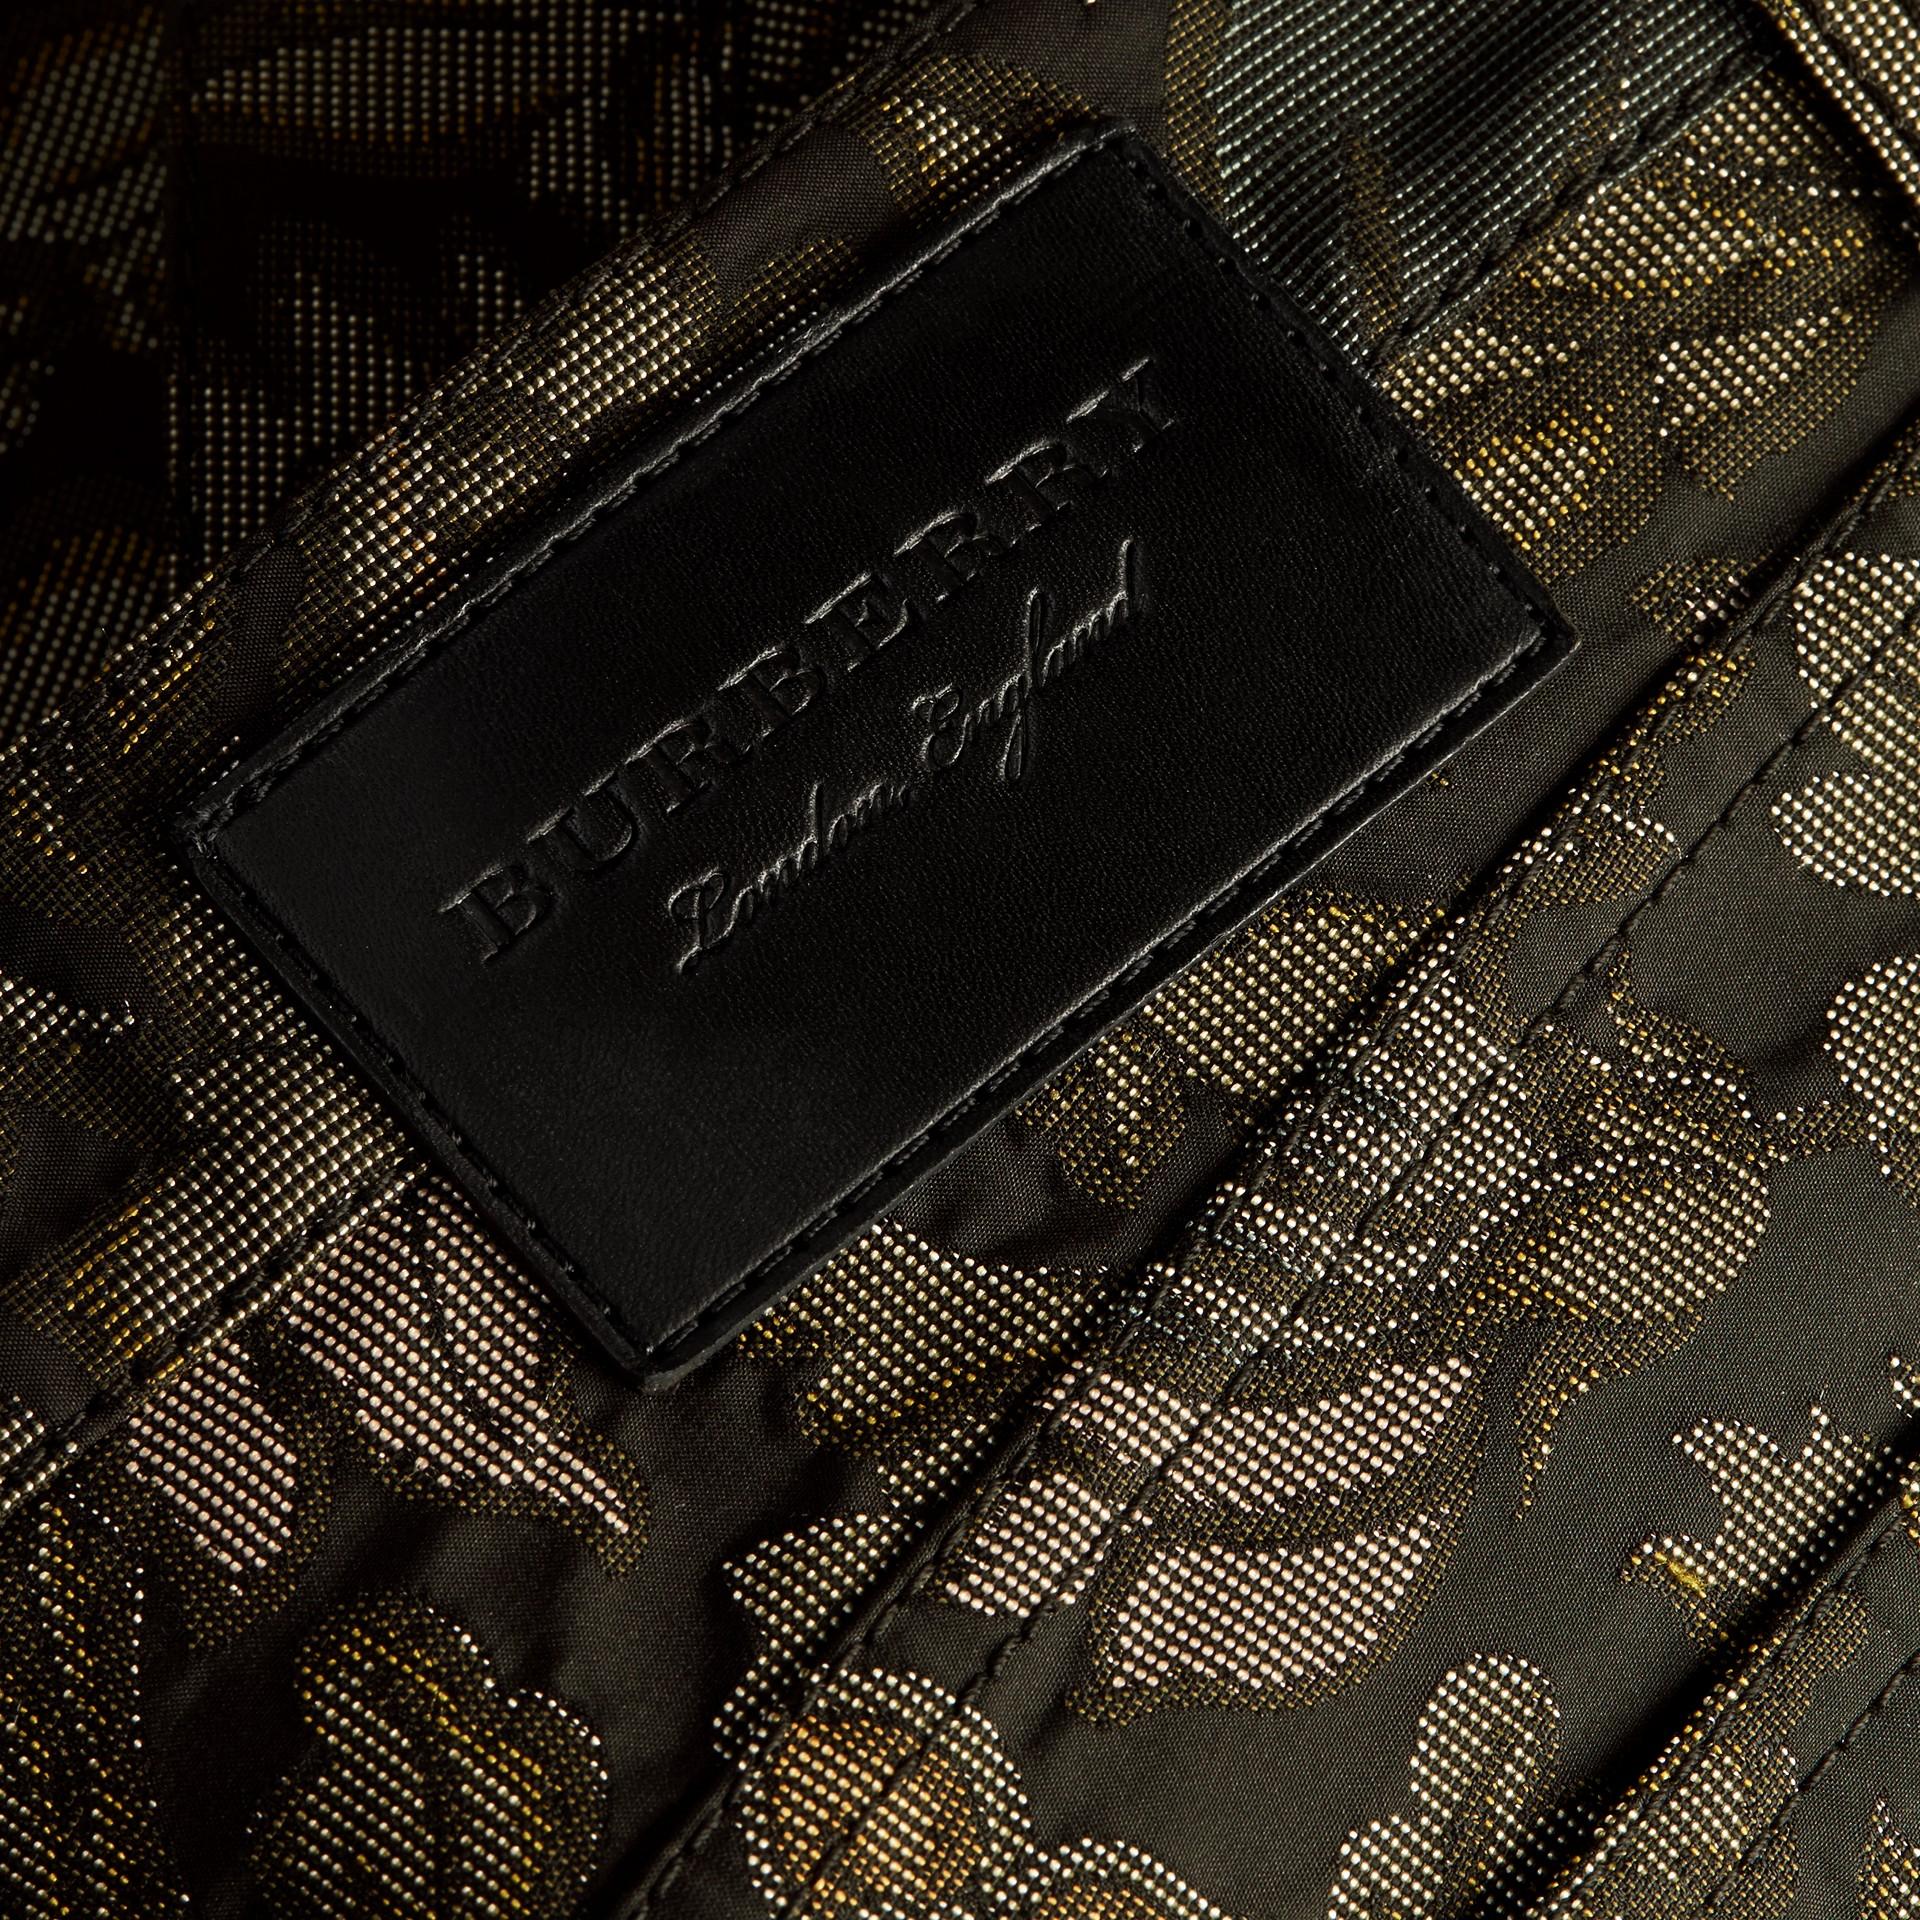 Sálvia Calças jeans com estampa floral em jacquard e corte slim Sálvia - galeria de imagens 2